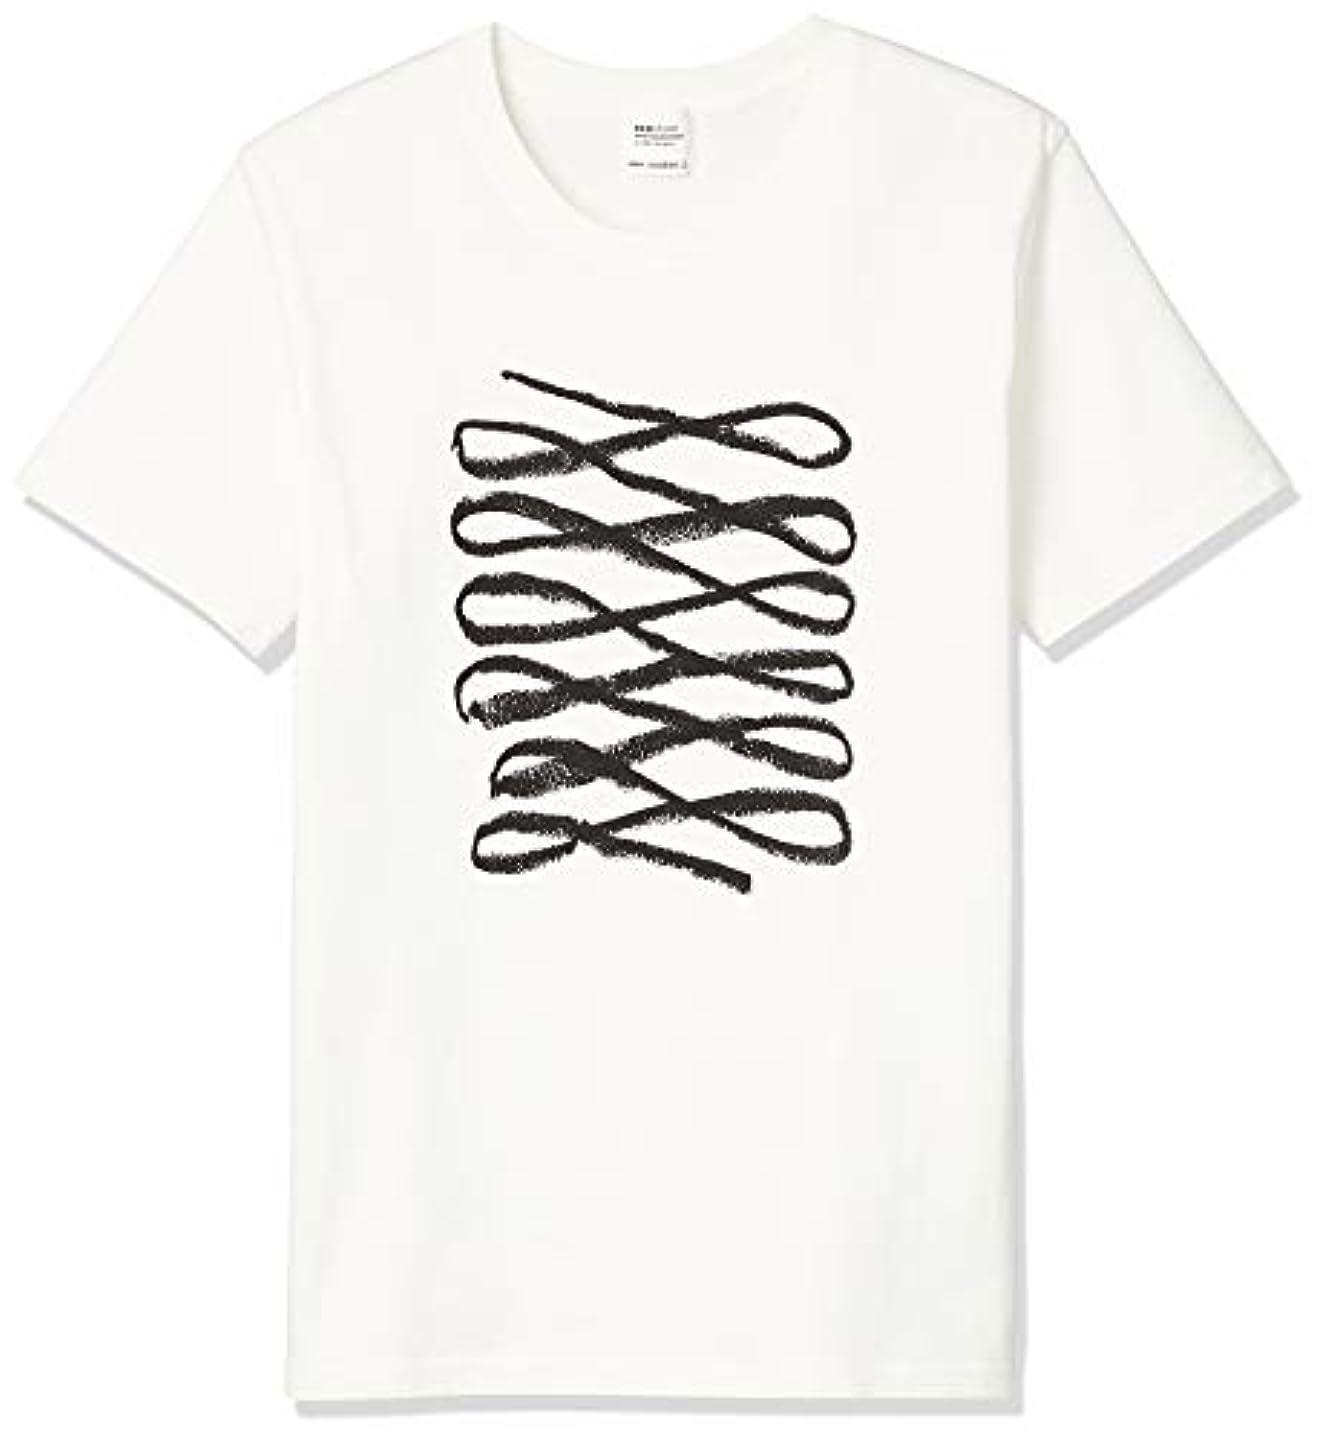 推測フラップアレンジecostore エコストア オリジナルTシャツ BL Sサイズ 白T